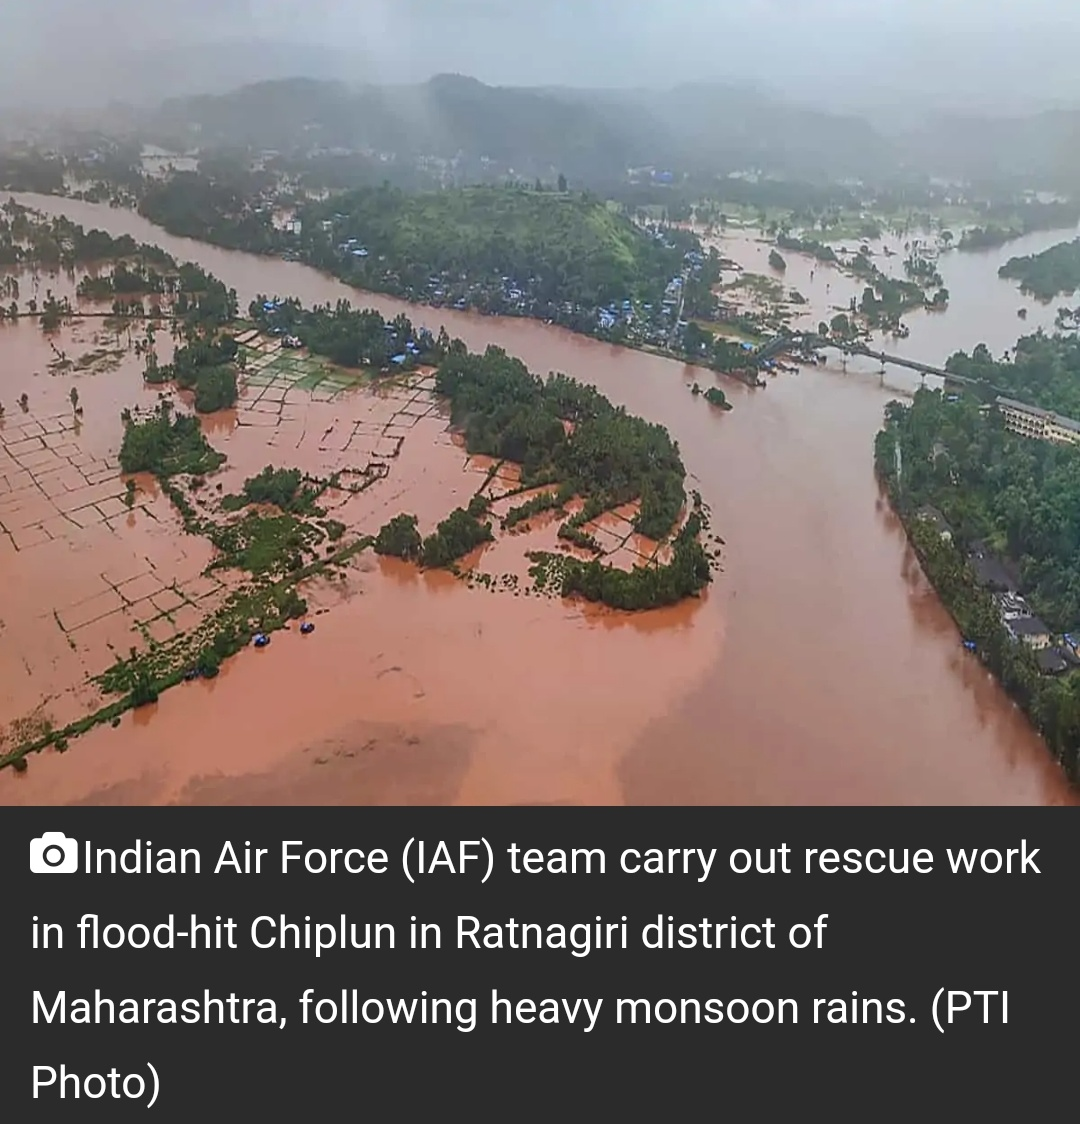 महाराष्ट्र बाढ़: भारी बारिश और बाढ़ से 209 लोगों की मौत, 8 लापता! 2